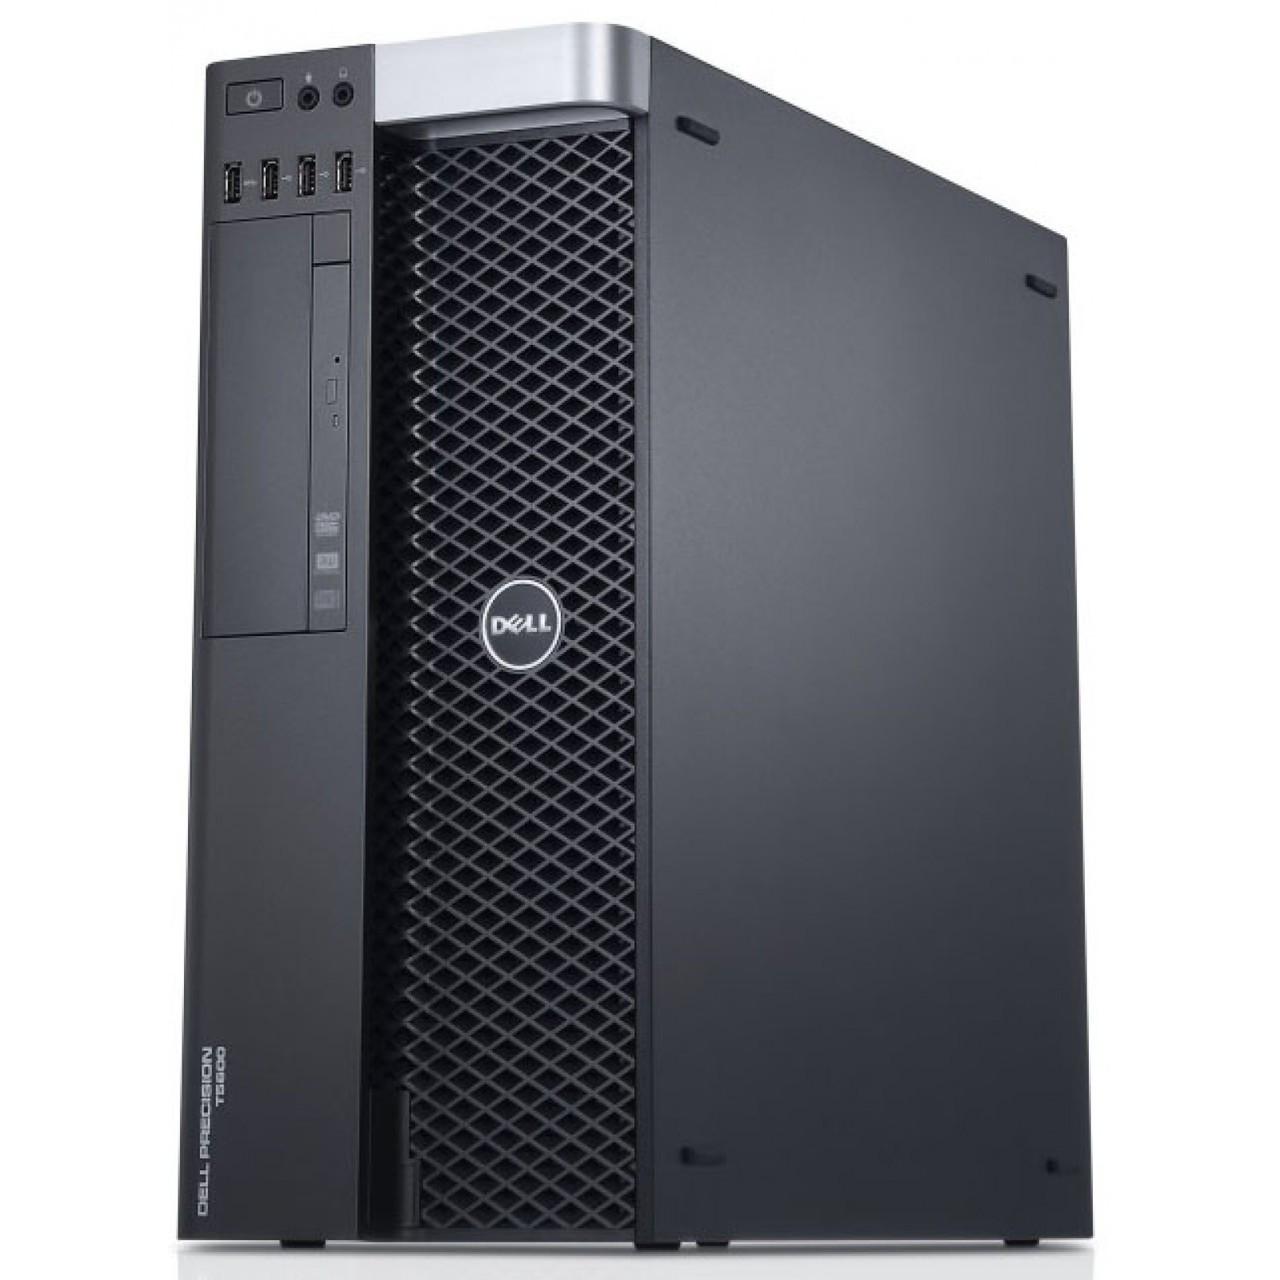 Dell Precision T5600 Tower Quad Core Dual Intel Xeon